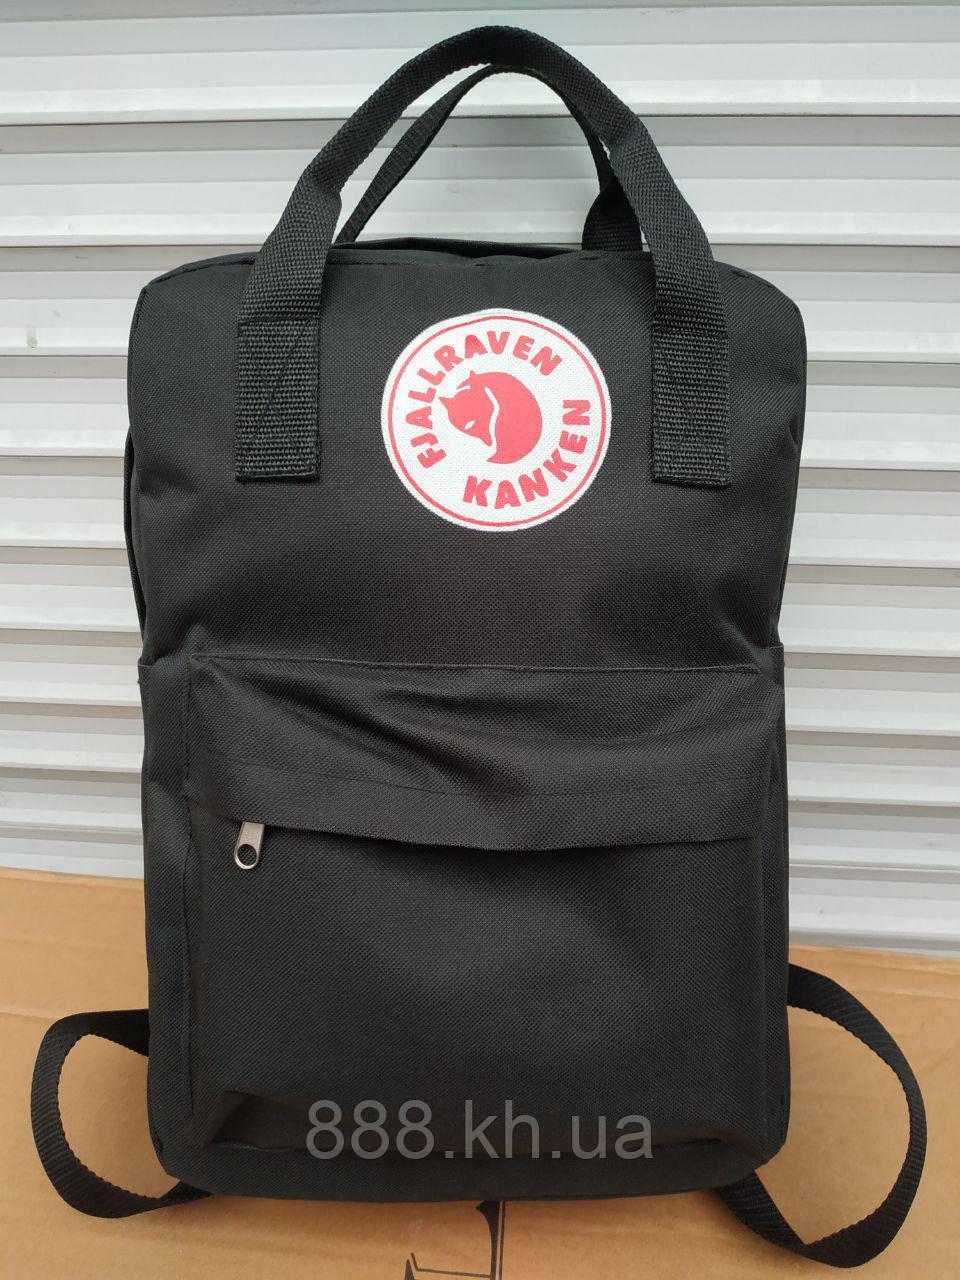 Стильный рюкзак, сумка Fjallraven Kanken, для прогулок и спорта (черный)